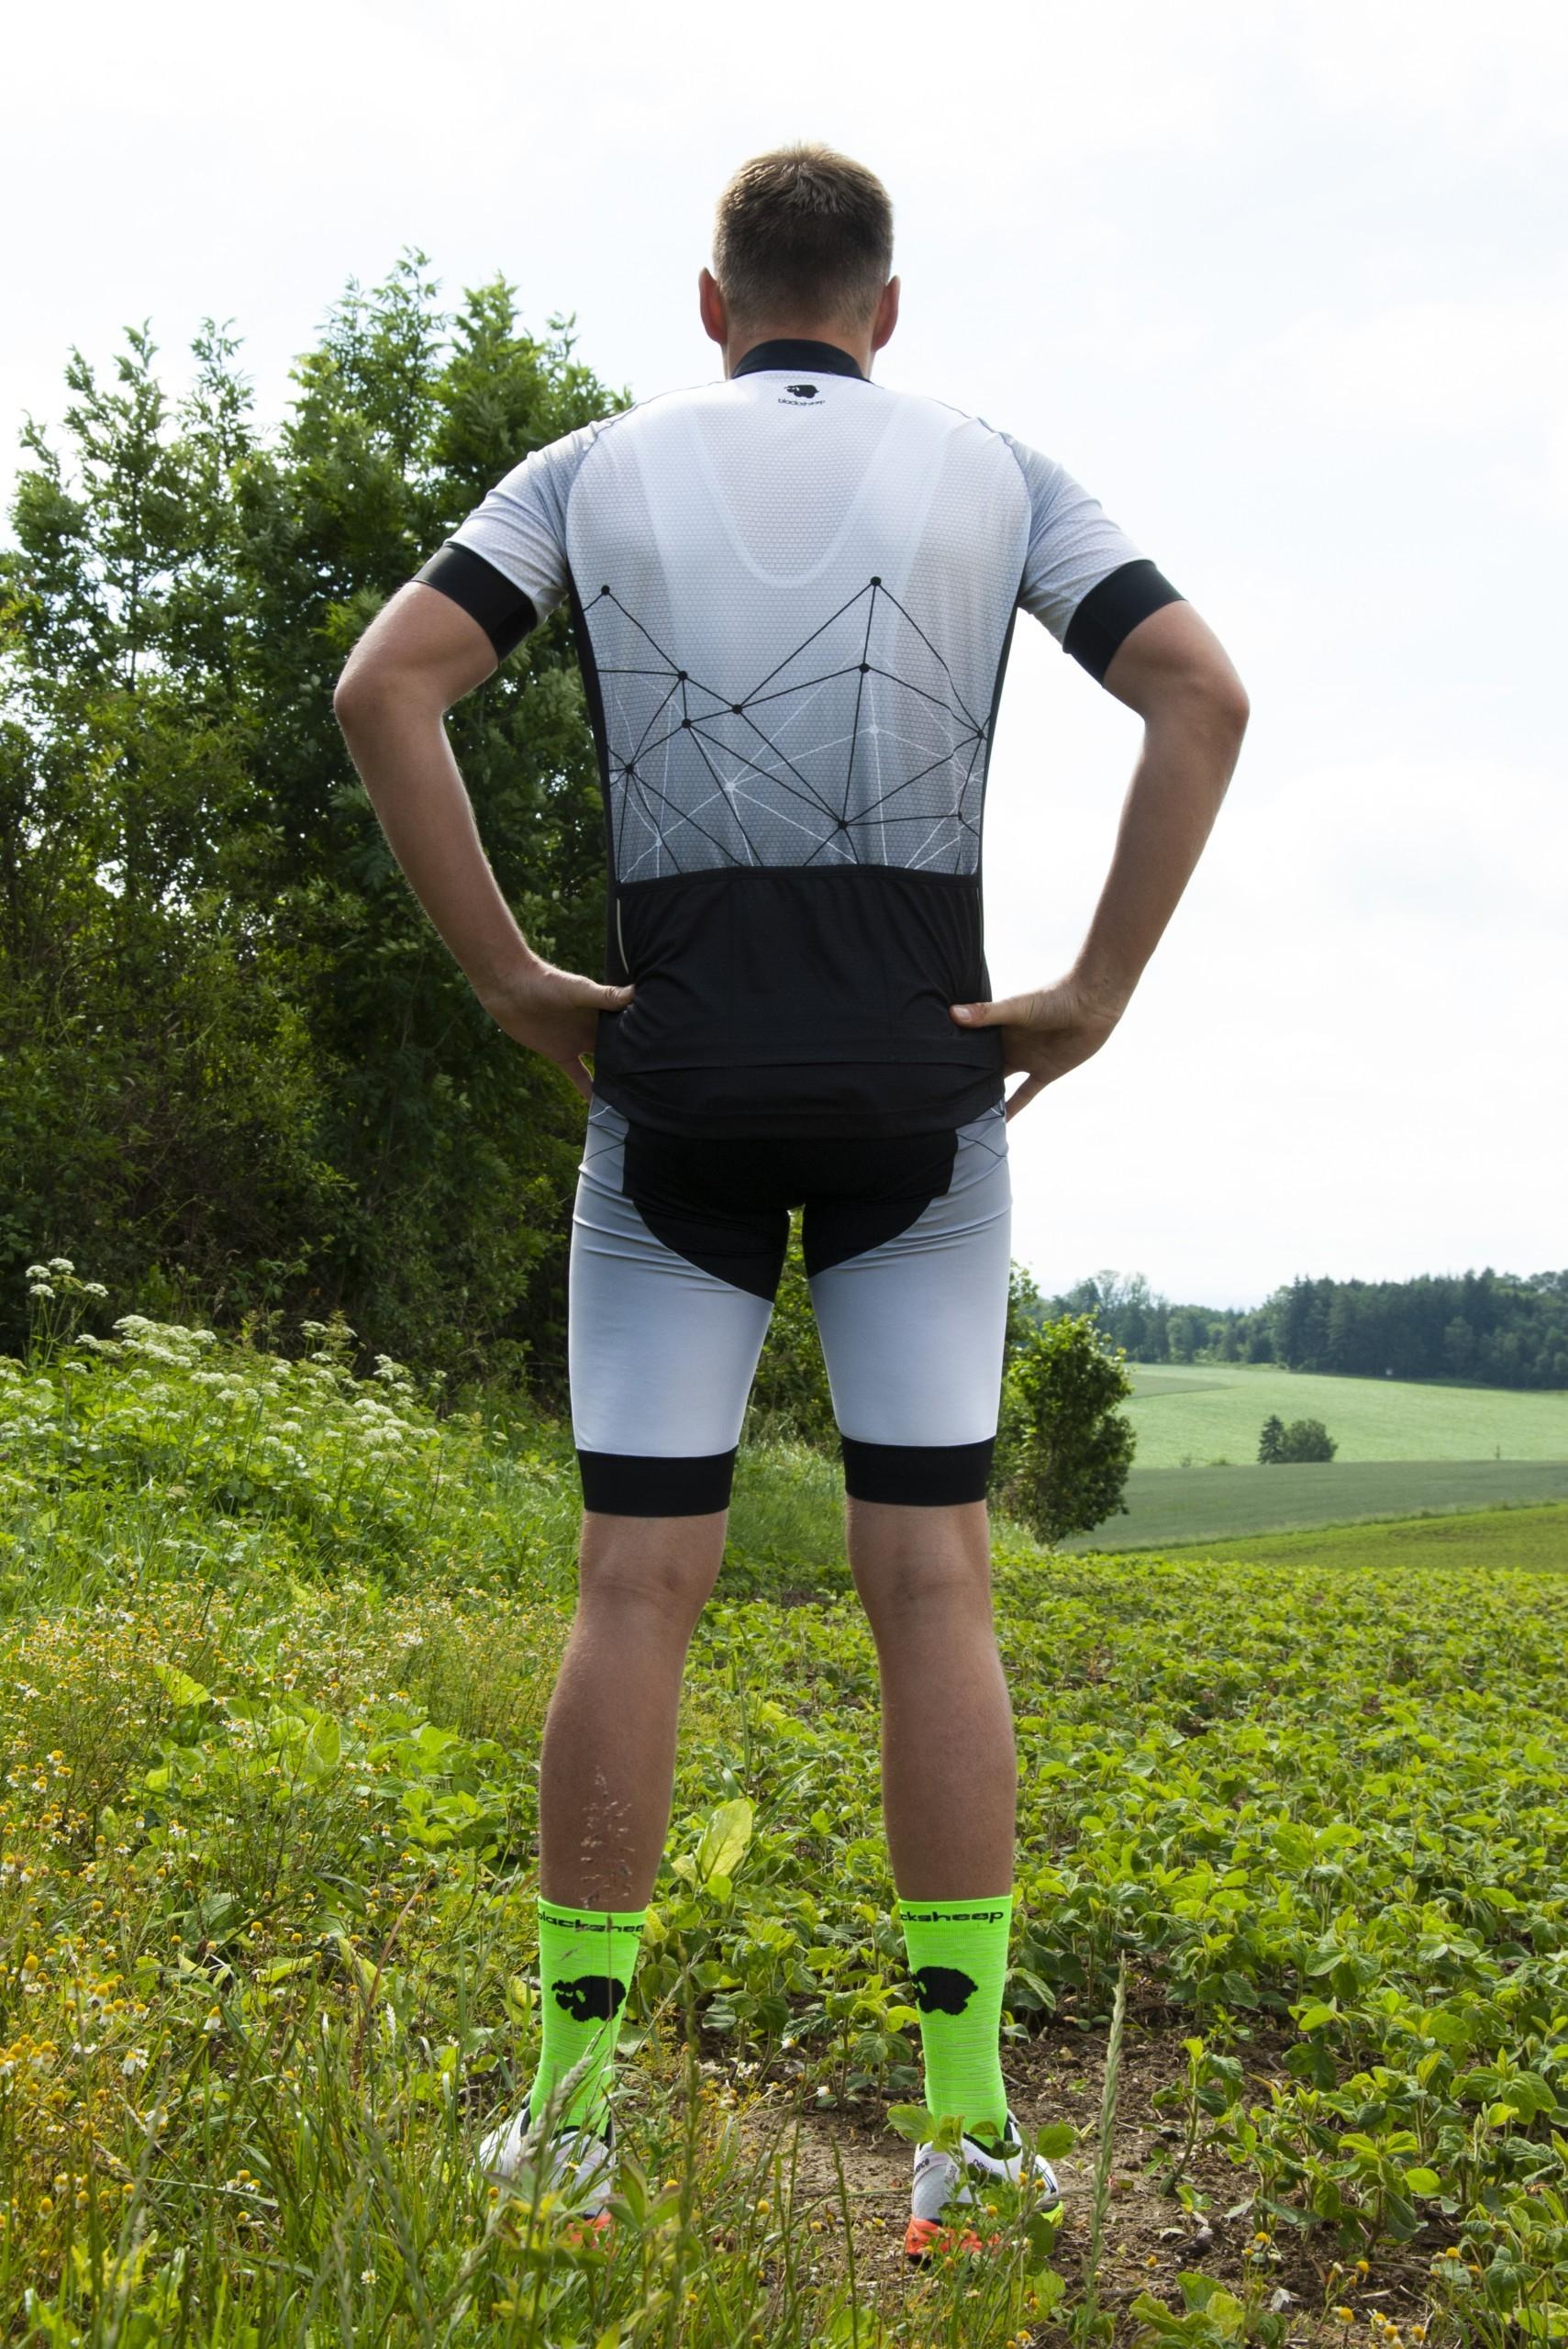 Jürgen_Radbekleidung_hinten